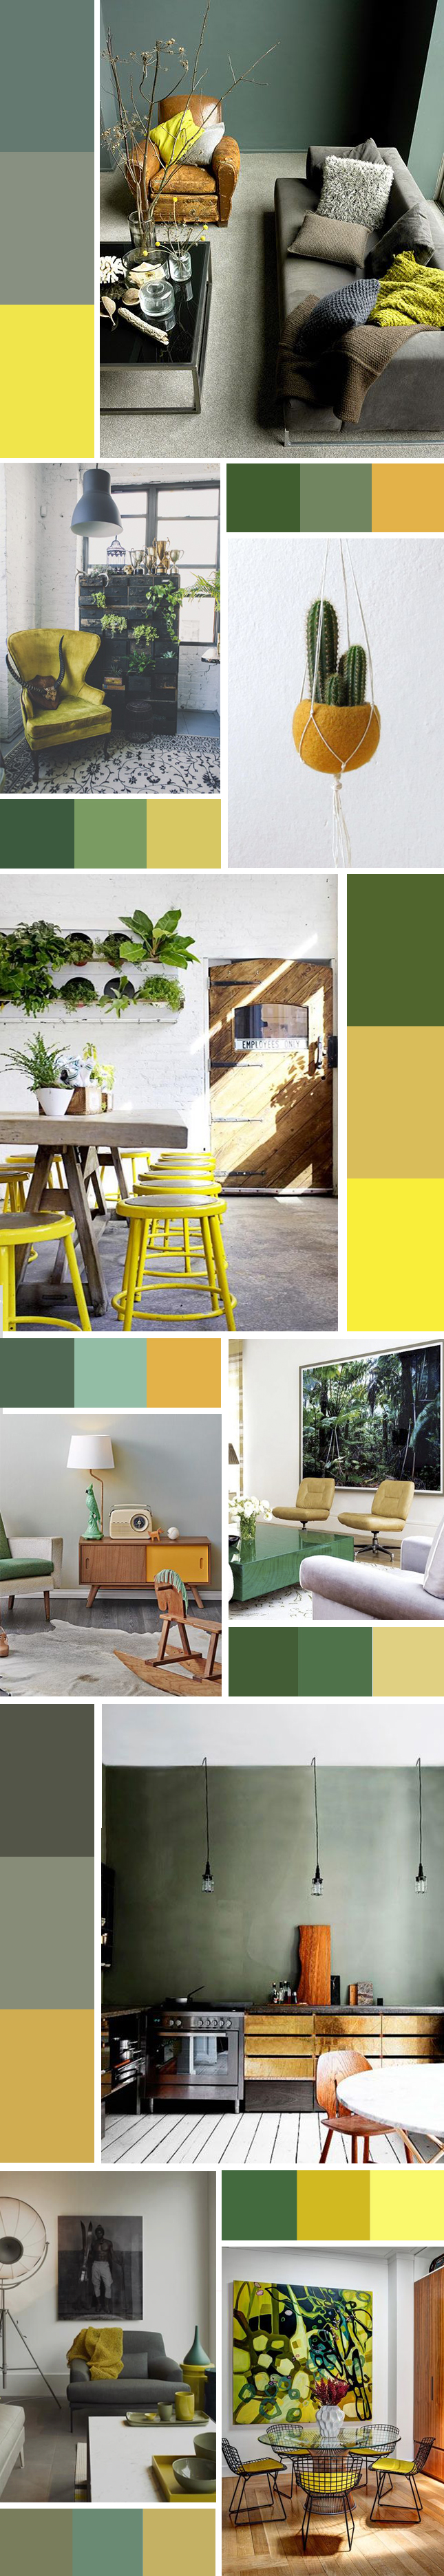 decoradornet-copyright-inspiracao-colorida-verde-terra-e-amarelo